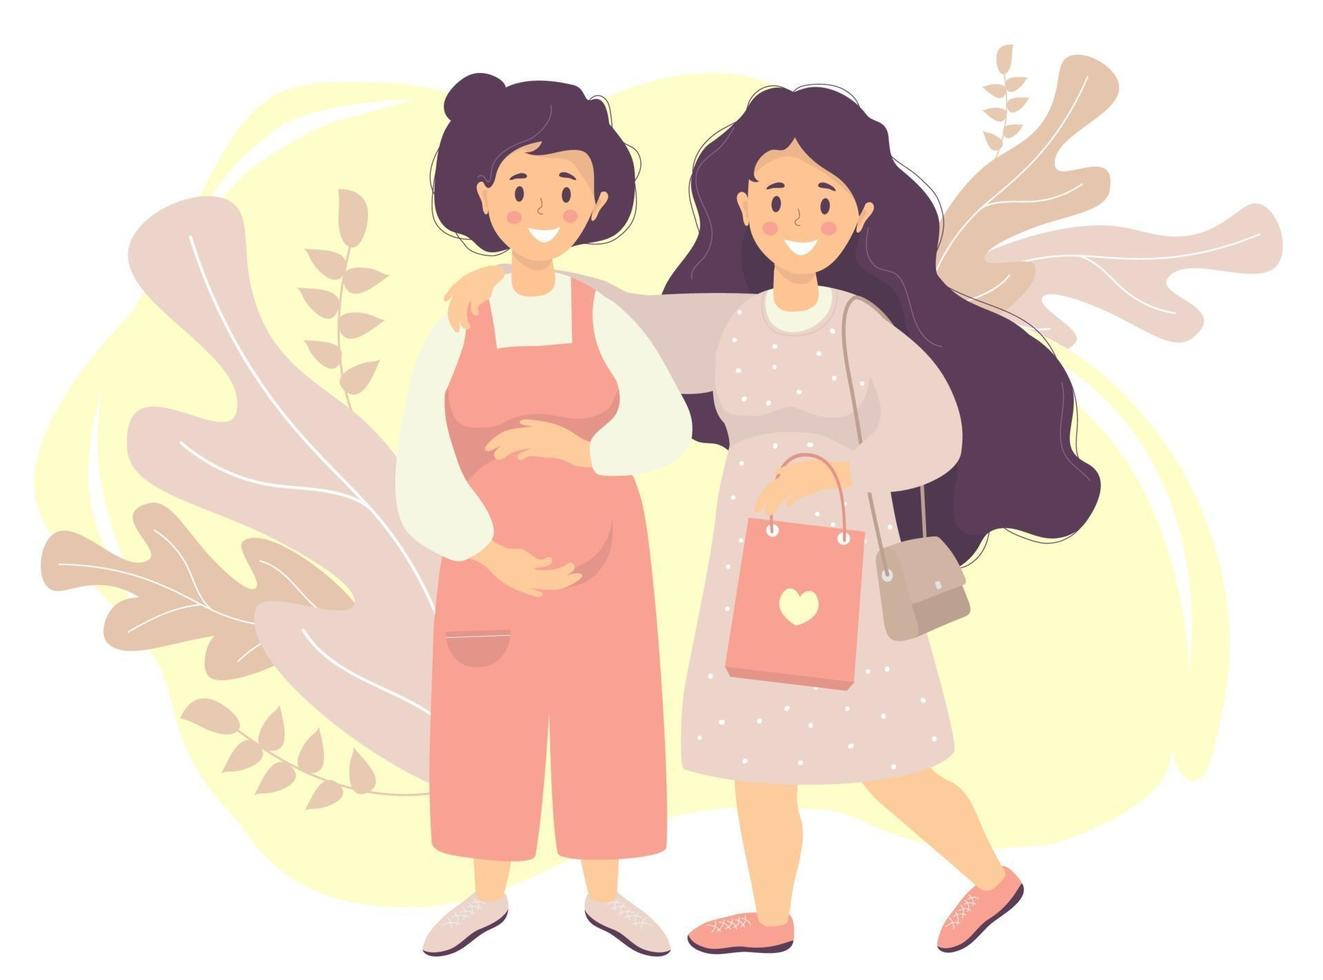 maternidade e feliz família lgbt feminina. uma mulher grávida de macacão acaricia a barriga com as mãos. ela é abraçada por uma garota de cabelo comprido e uma bolsa nas mãos. ilustração em vetor plana